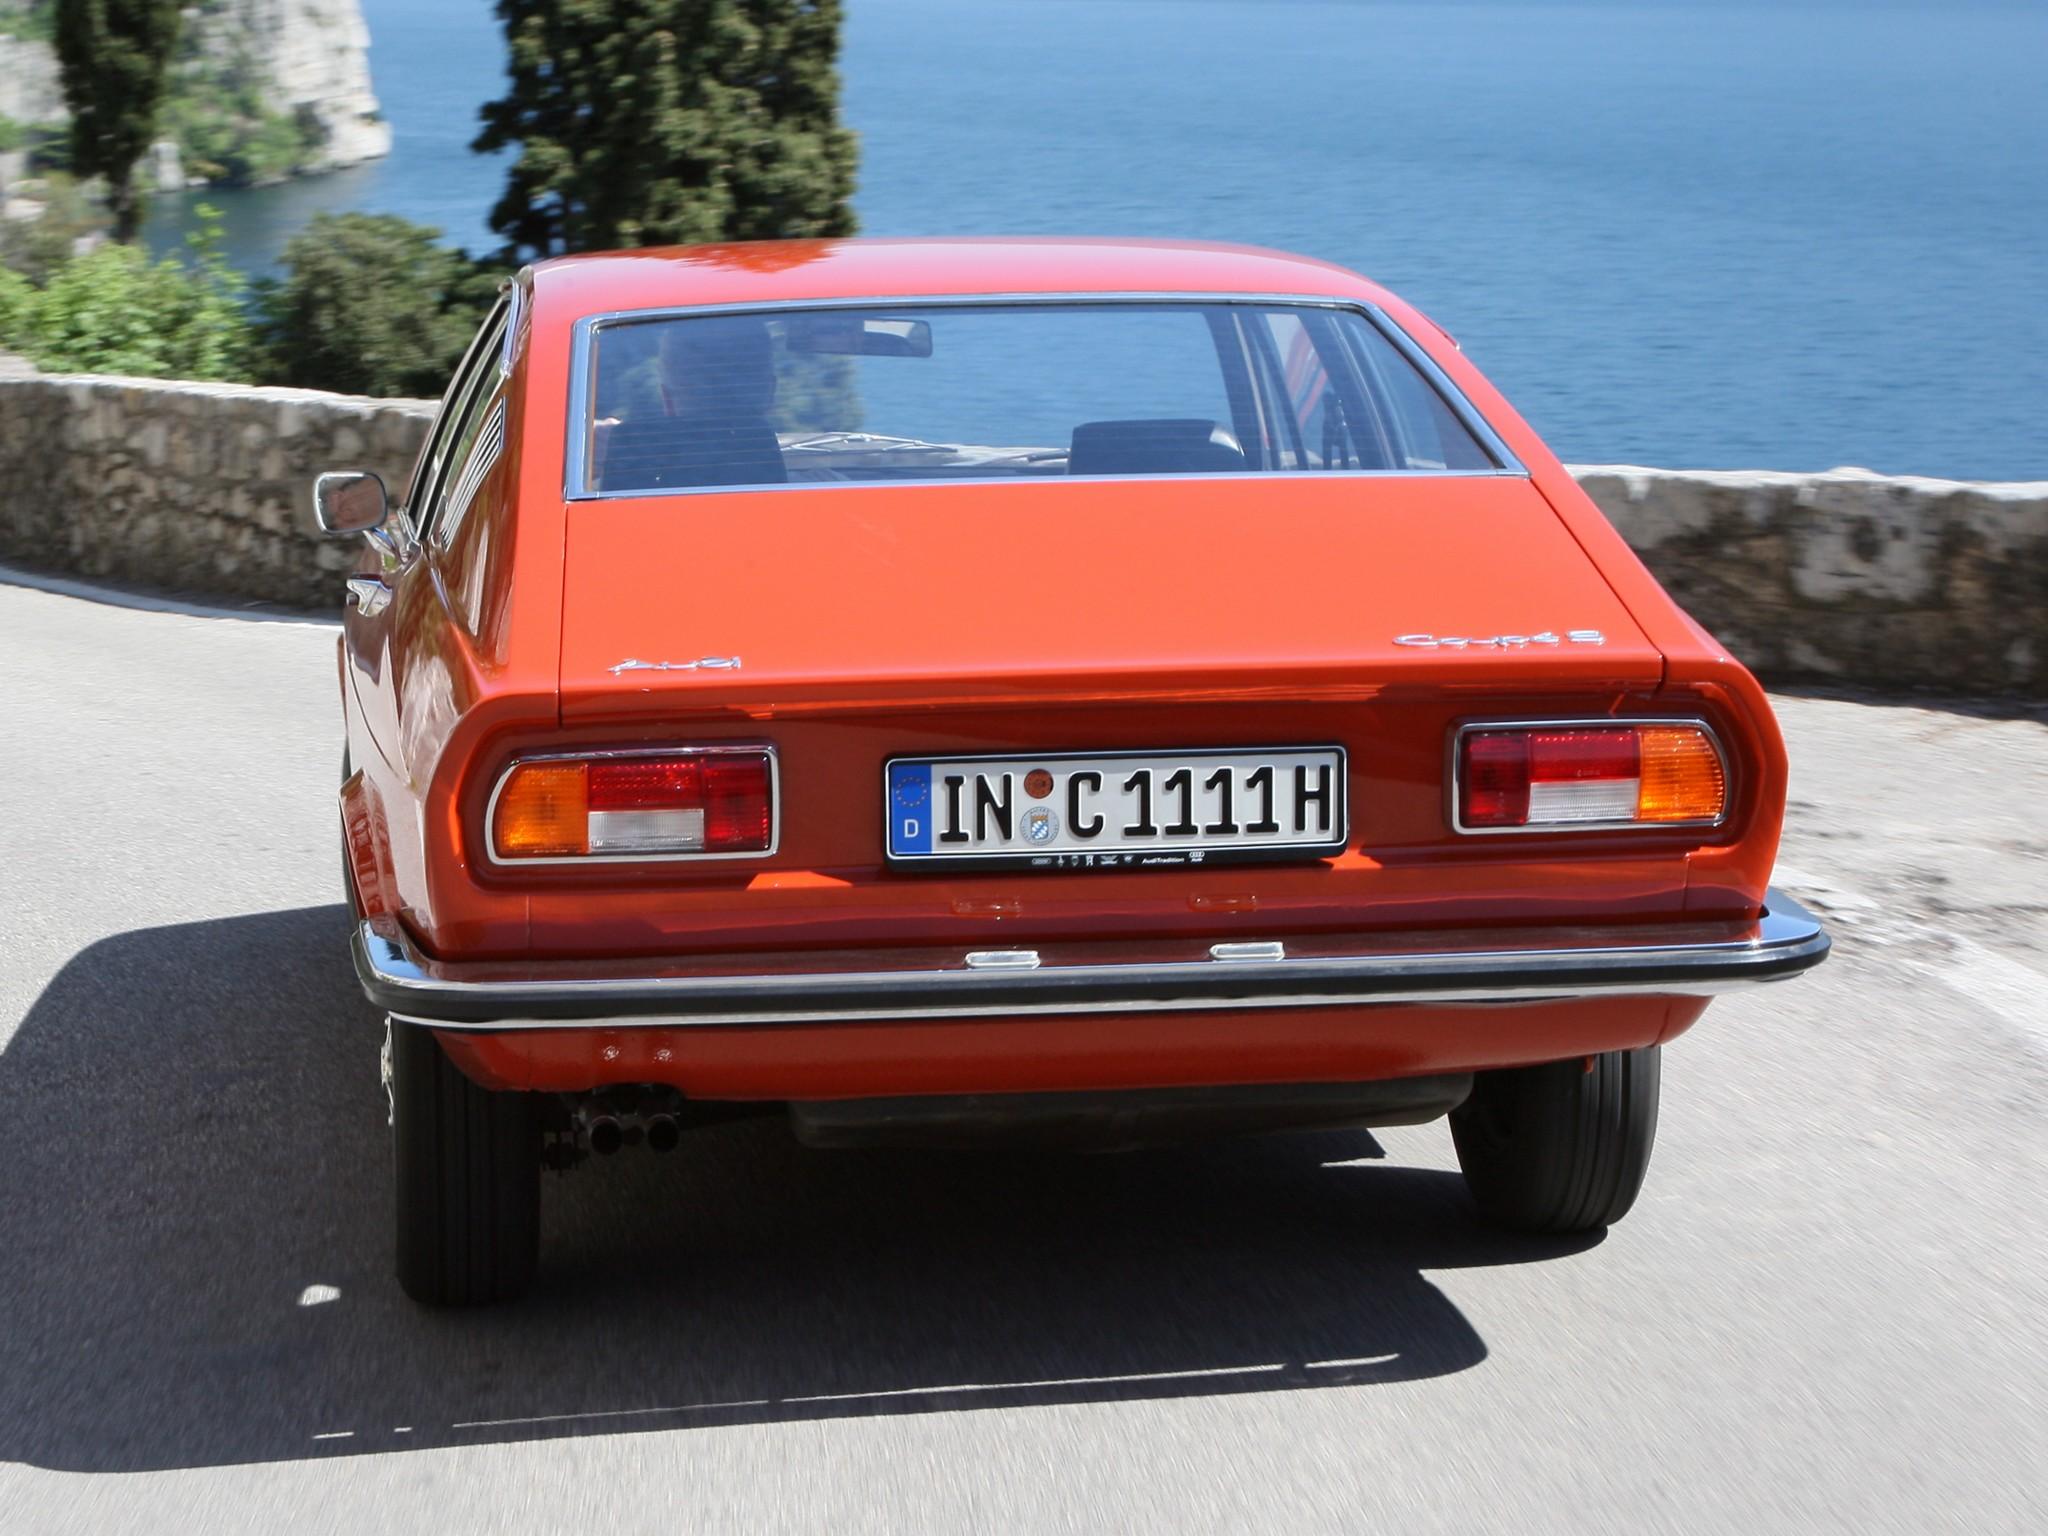 AUDI 100 Coupe S specs & photos - 1970, 1971, 1972, 1973, 1974, 1975, 1976 - autoevolution